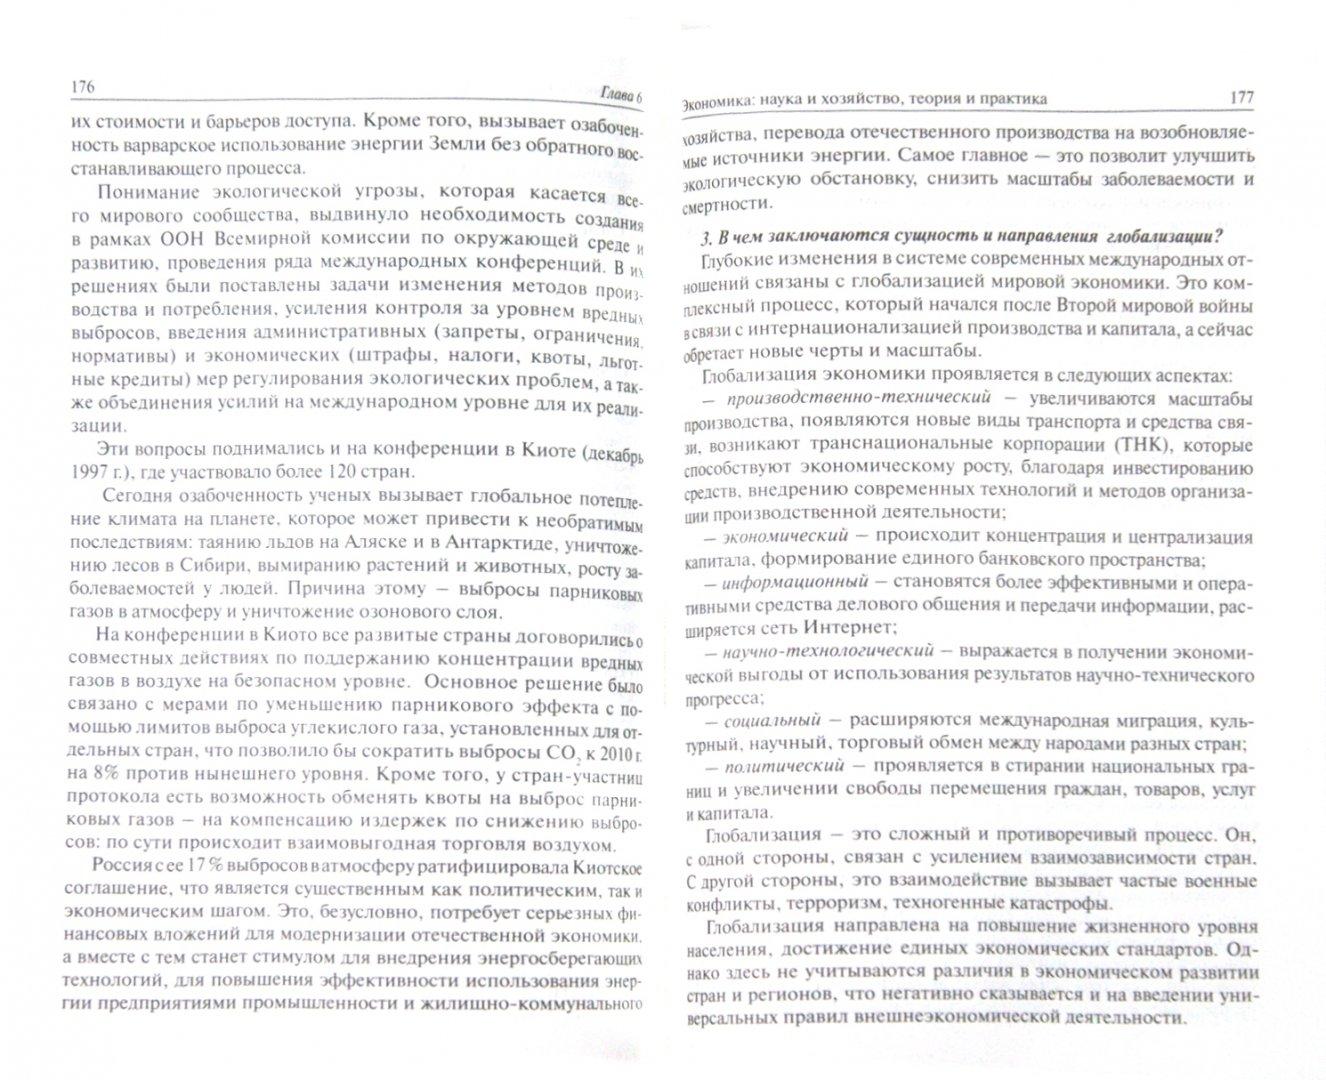 Иллюстрация 1 из 5 для Обществознание в вопросах и ответах. Учебное пособие - Безбородов, Губин, Буланова   Лабиринт - книги. Источник: Лабиринт